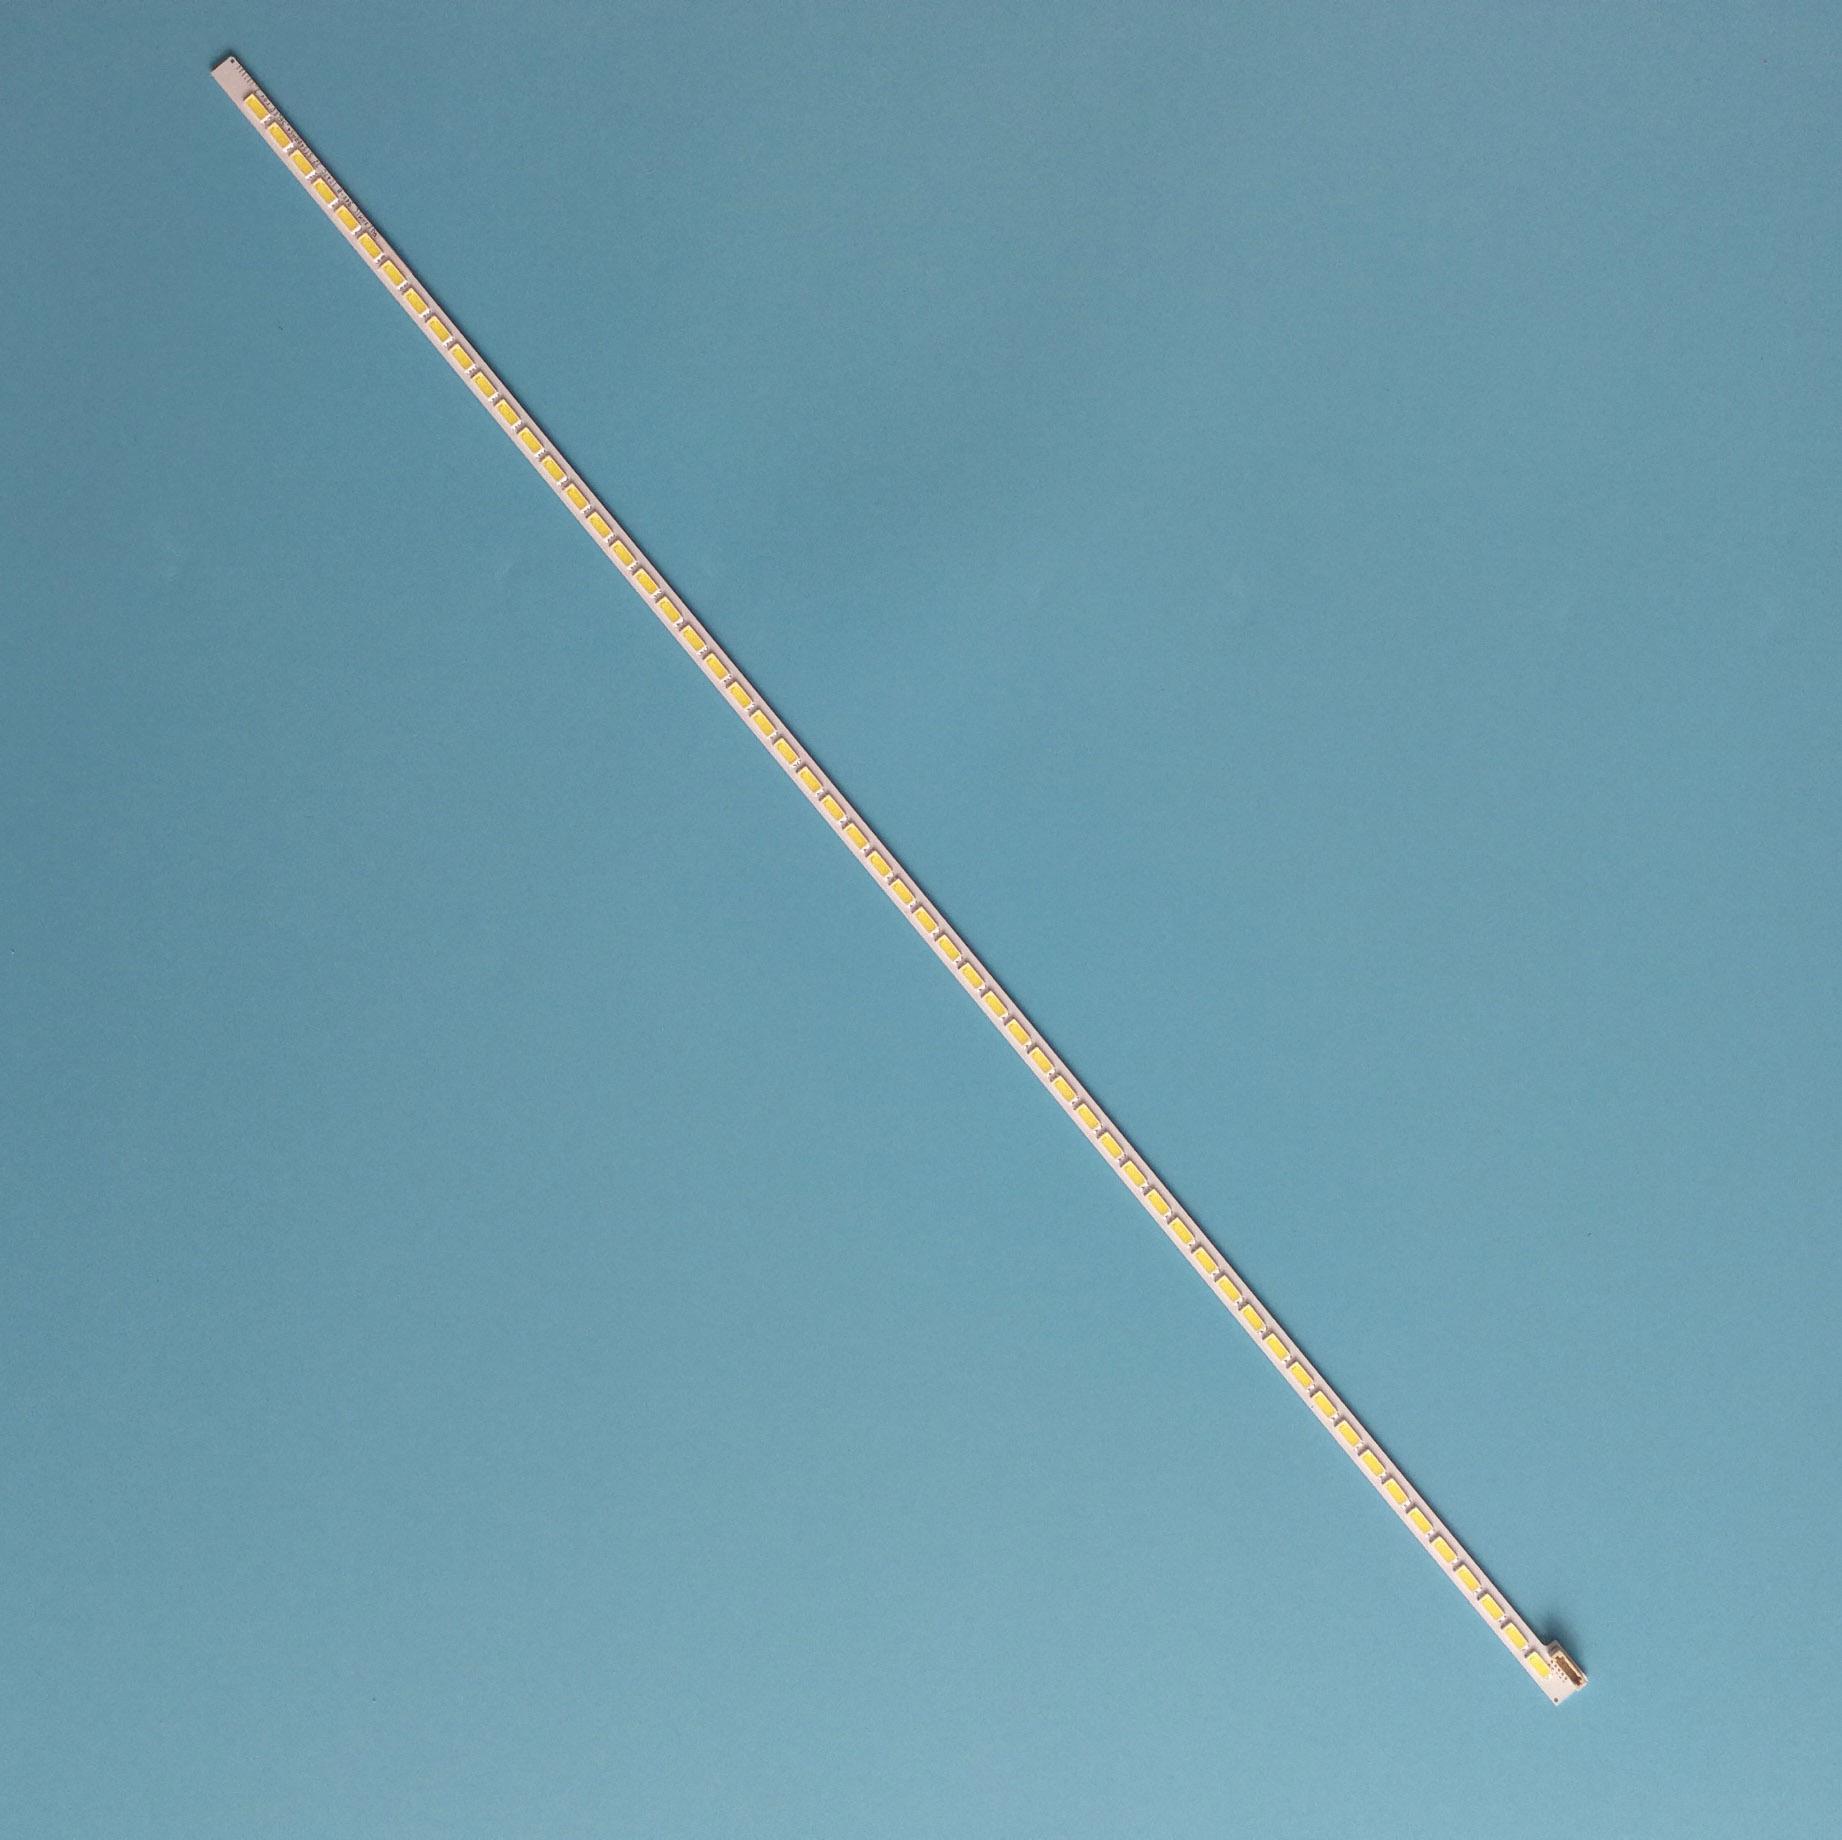 100% New LED Strip For SLED 2012SGS40 7030L 56 REV1.0 LJ64-03514A 56LEDs 493mm100% New LED Strip For SLED 2012SGS40 7030L 56 REV1.0 LJ64-03514A 56LEDs 493mm